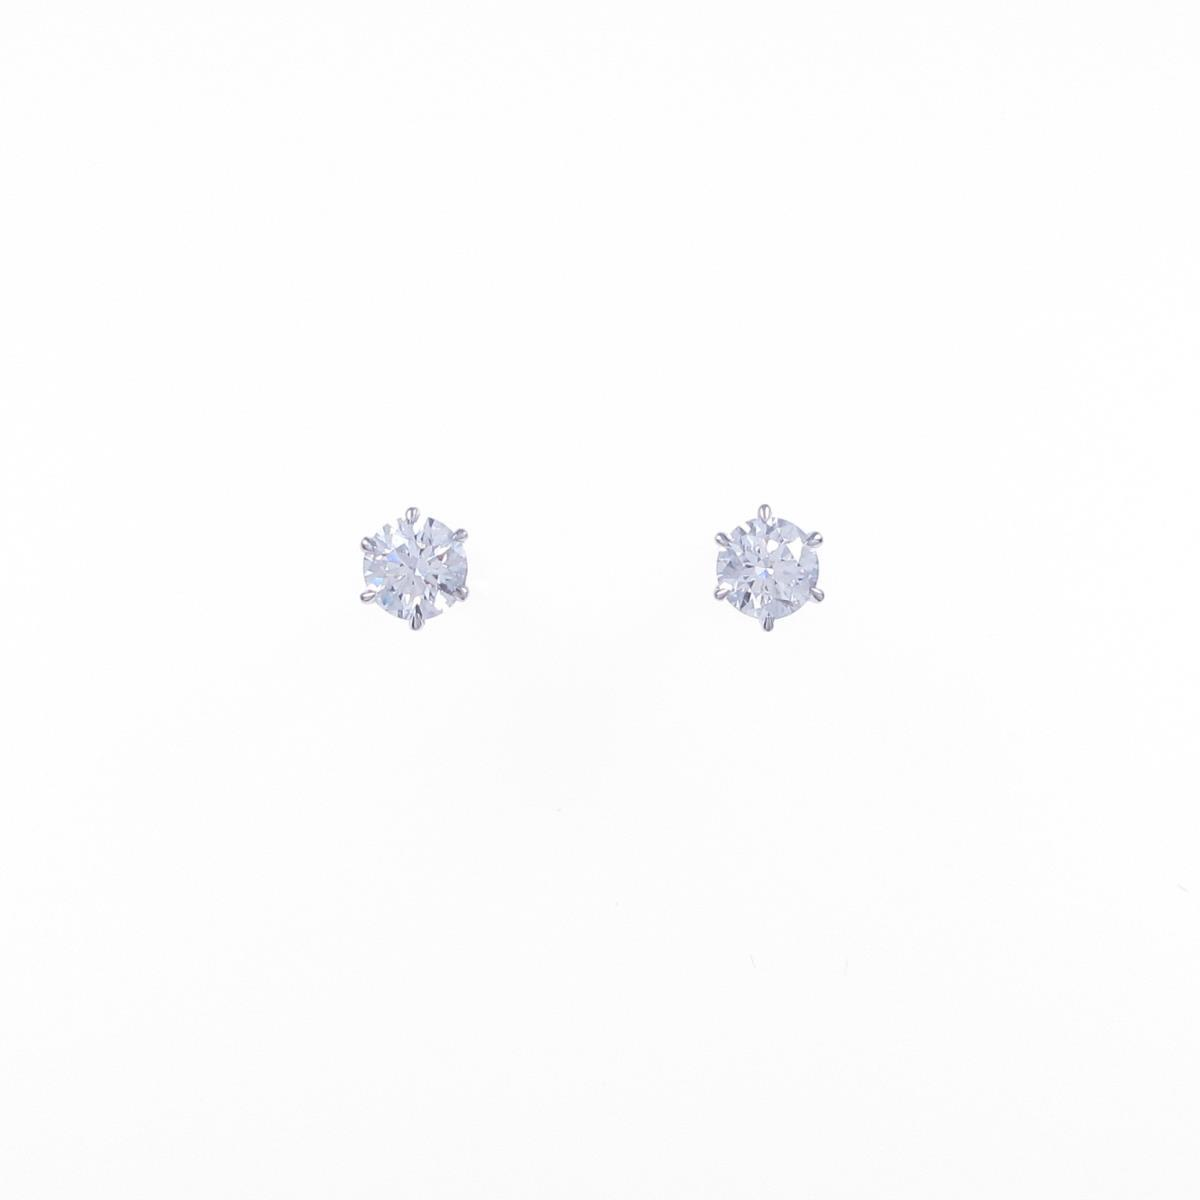 【リメイク】プラチナ/ST ダイヤモンドピアス 0.221ct・0.223ct・D-E・SI1・EXT【中古】